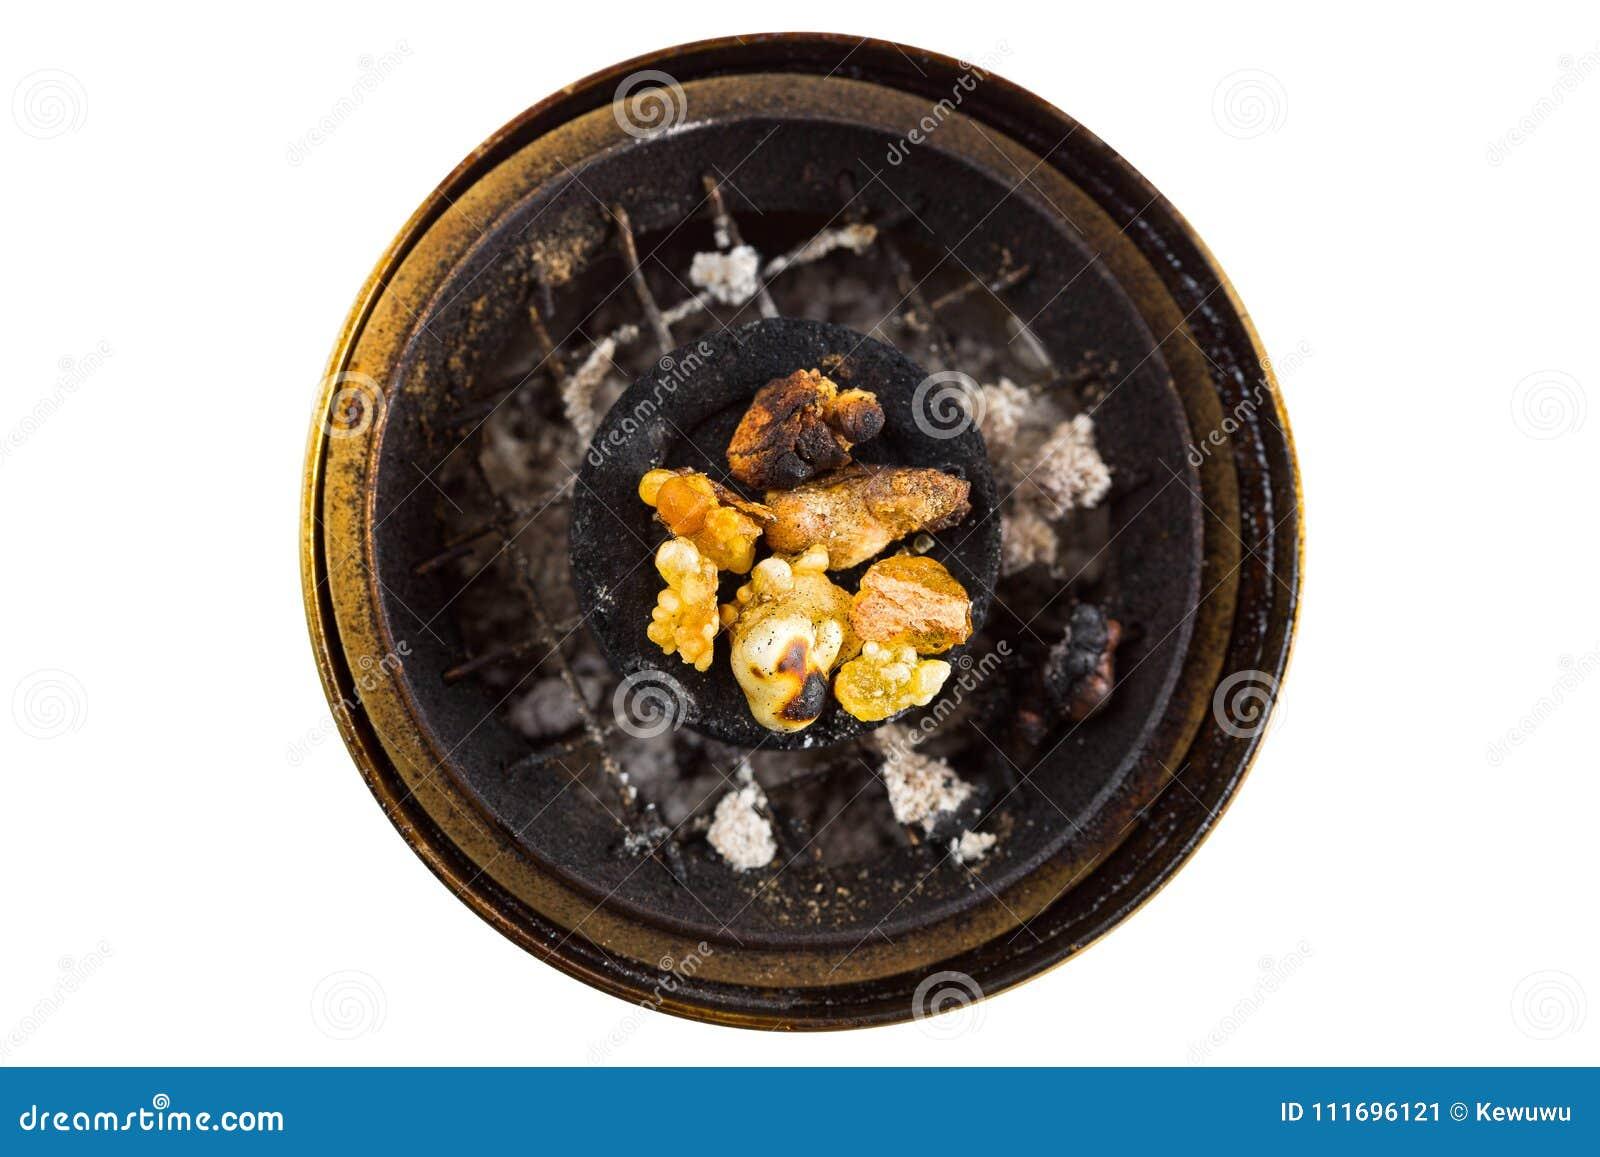 Goma amarela aromática da resina em queimar o carvão vegetal árabe no bronze